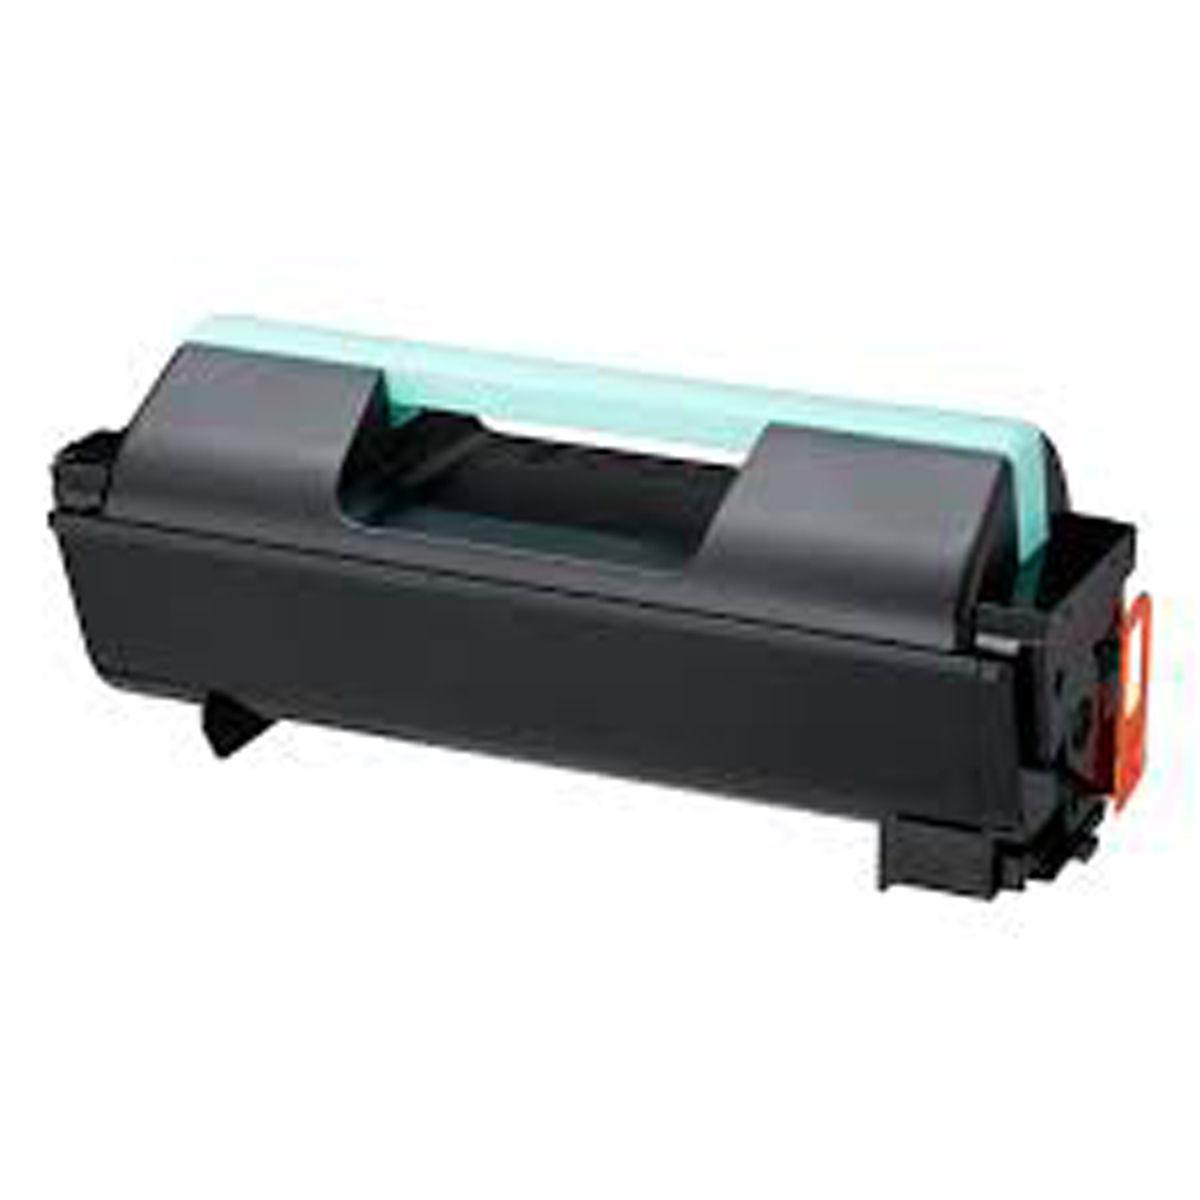 Toner Samsung D309L D309 309L 309 - ML4510 ML5510 ML6510 - 30k